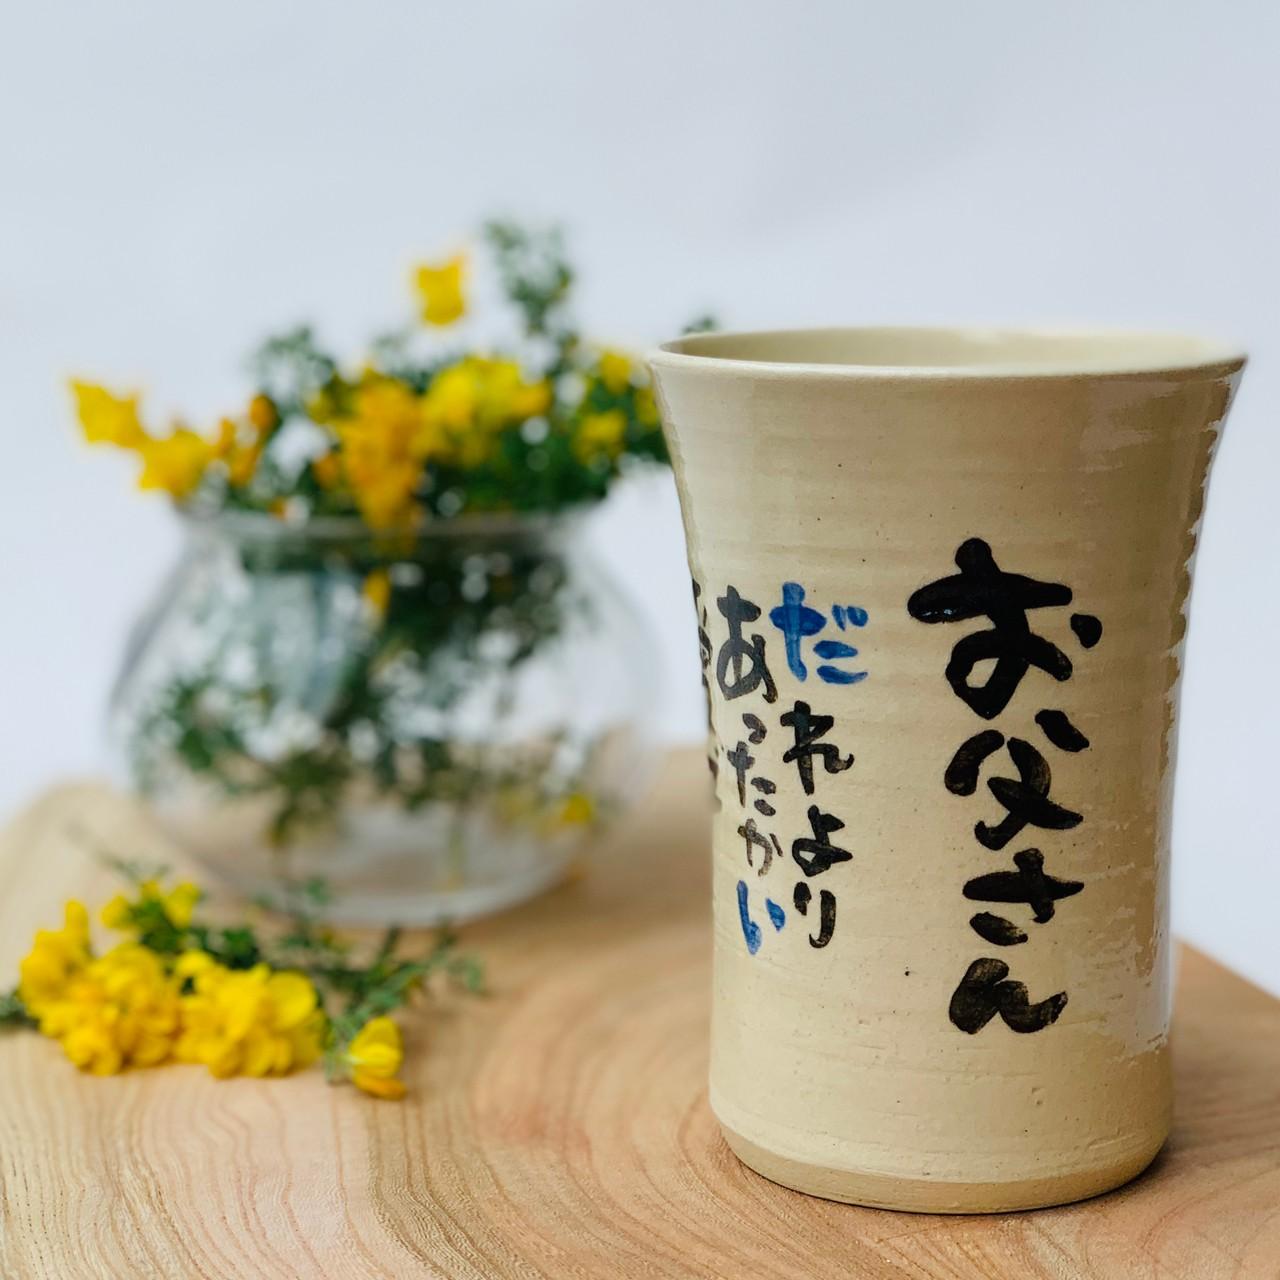 書家 蓮々 父の日「お名前詩オーダー陶器」フリーカップ